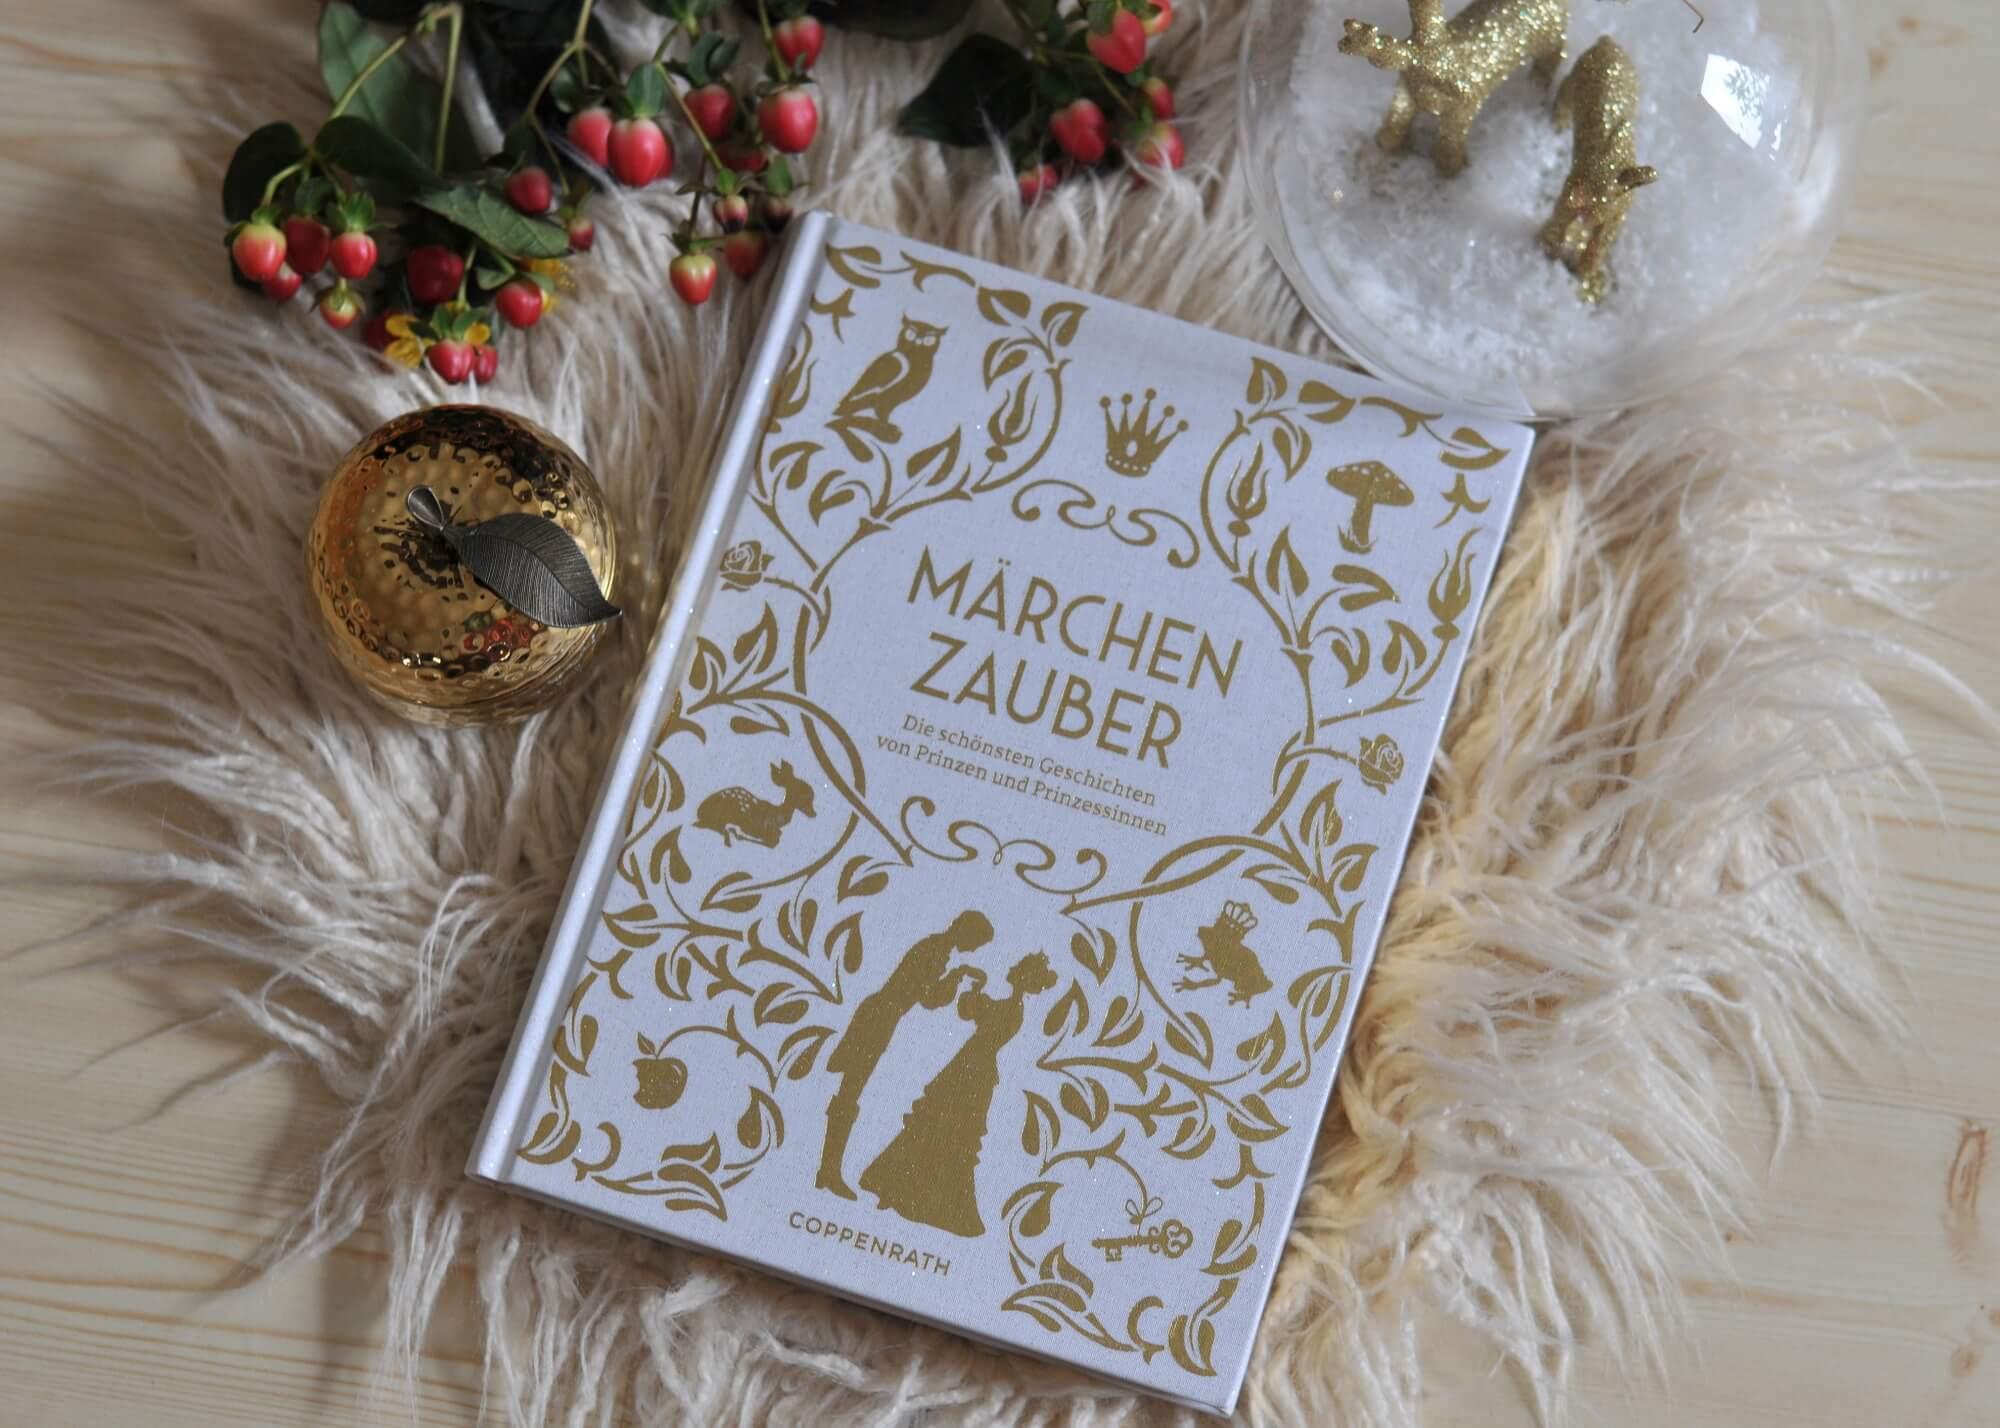 Ob klassische Geschichten von Hans-Christian Andersen und den Brüdern Grimm oder unbekannte russische oder norwegische Märchenschätze – Märchenzauber vereint die schönsten Geschichten von Prinzen und Prinzessinnen im Originalton. Fantasievolle und klassische Illustrationen in Goldoptik entführen in die wundervolle Welt der Märchen.